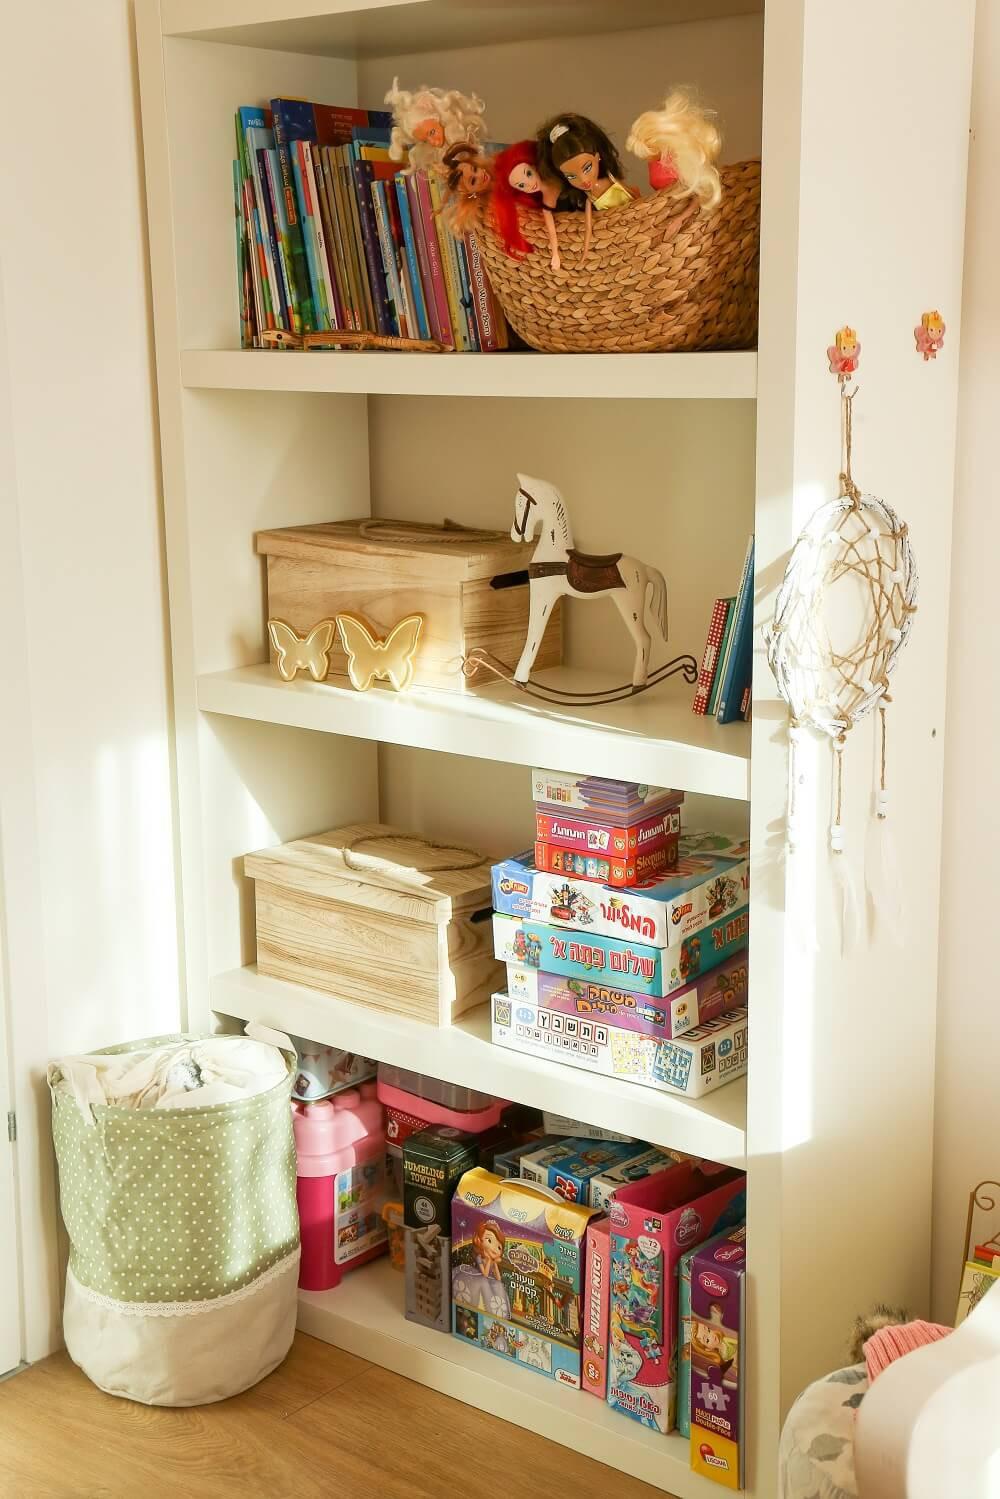 עיצוב חדר ילדים כפרי בצבעי חאקי ואפרסק